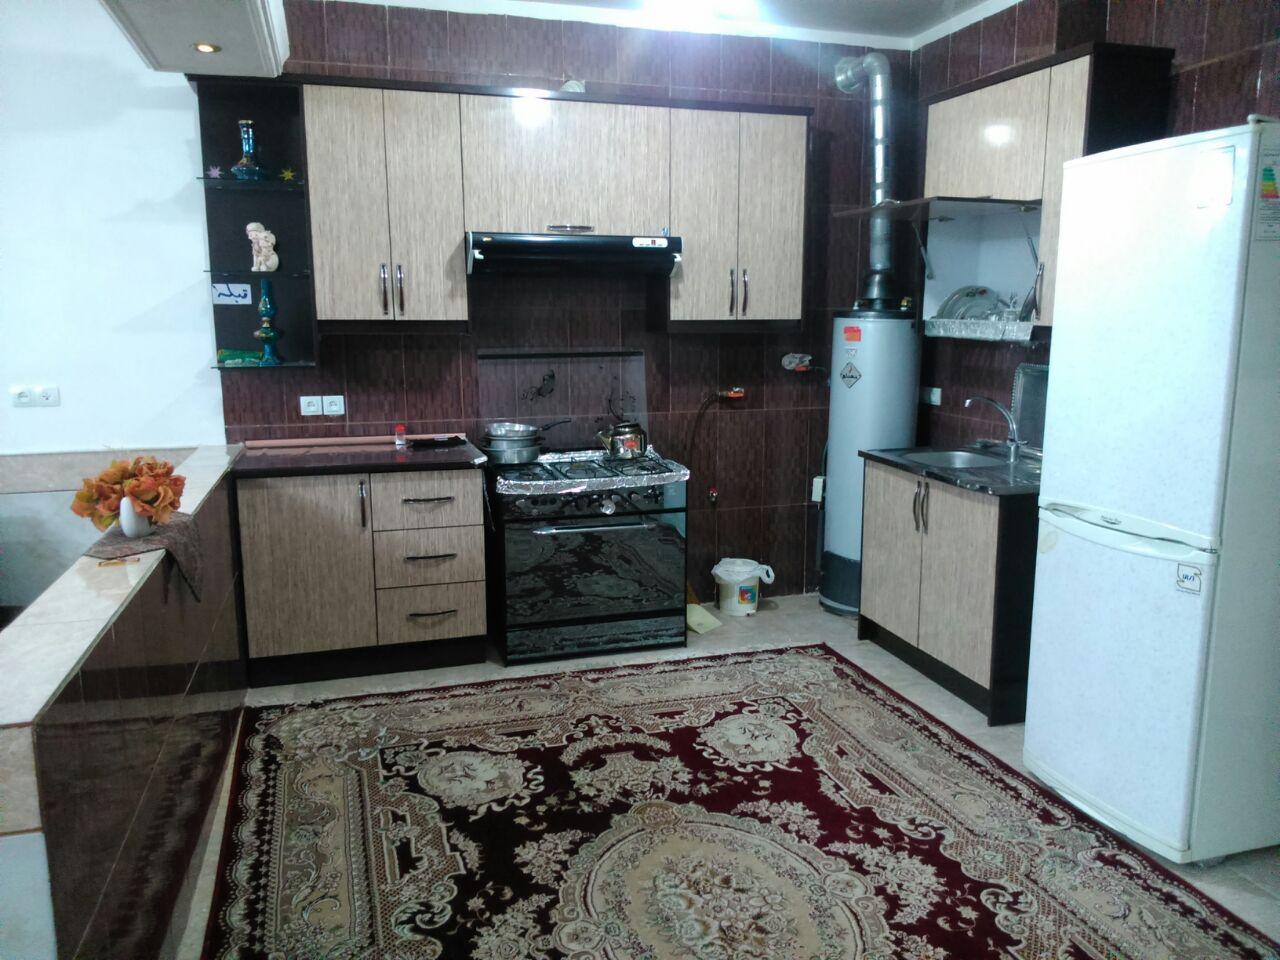 اجاره منزل در کاشان مبله کد ۱۱۶